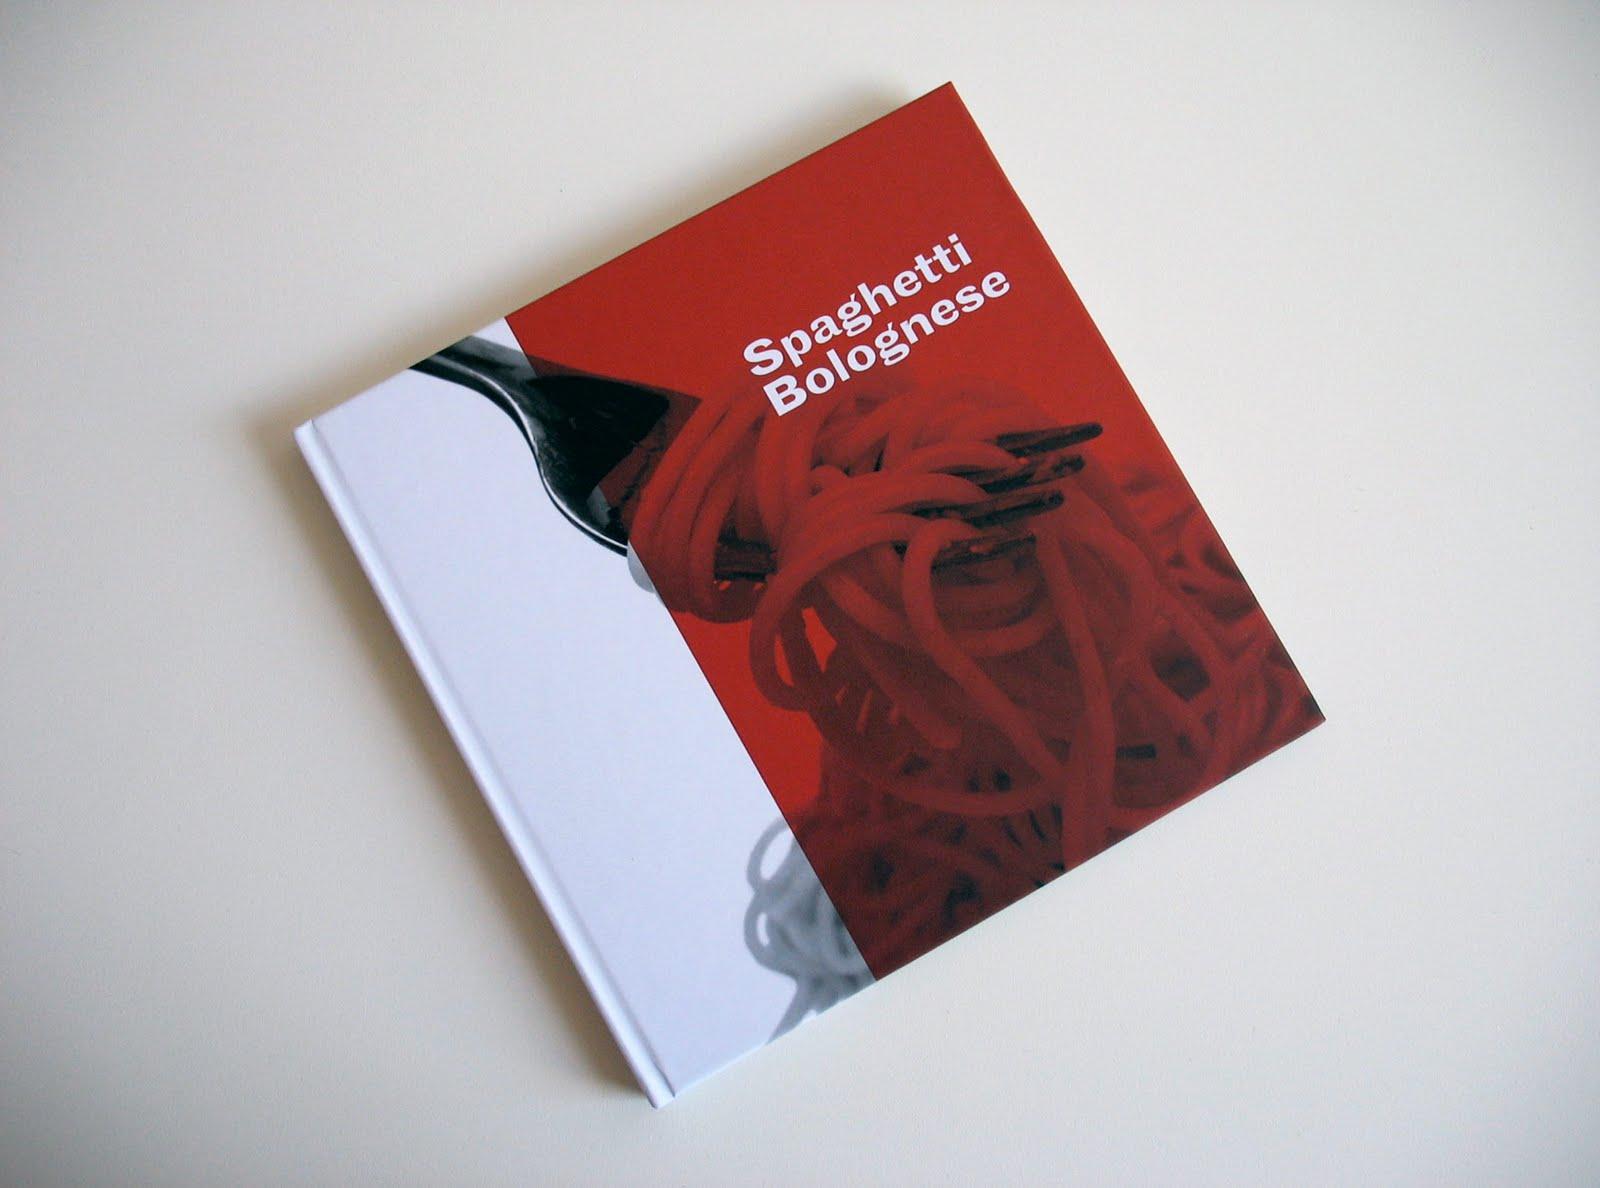 James brook design spaghetti bolognese book for Bureau grotesque